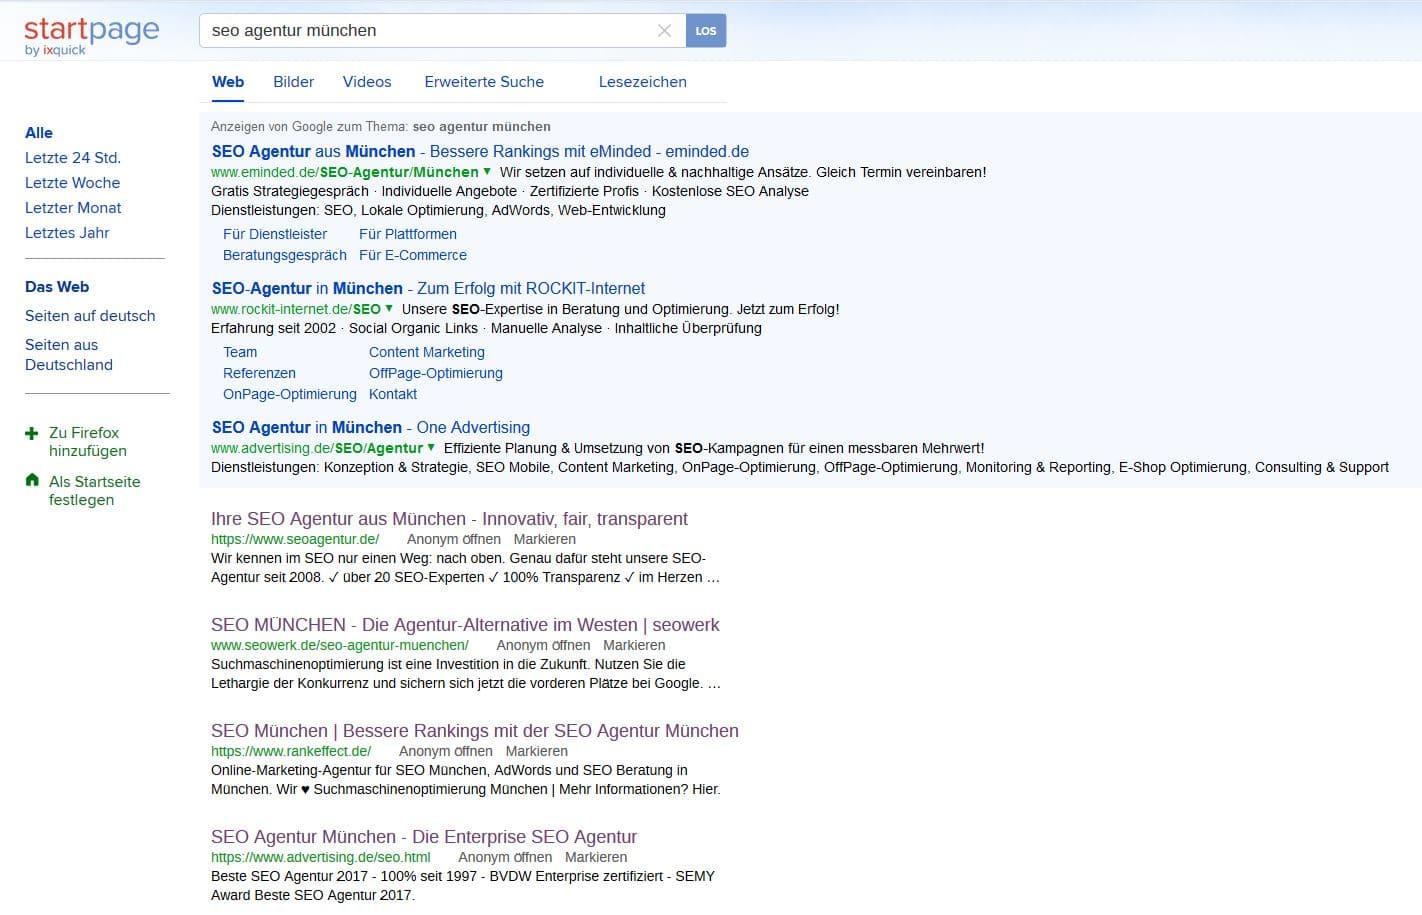 Ixquick Suchergebnisseite